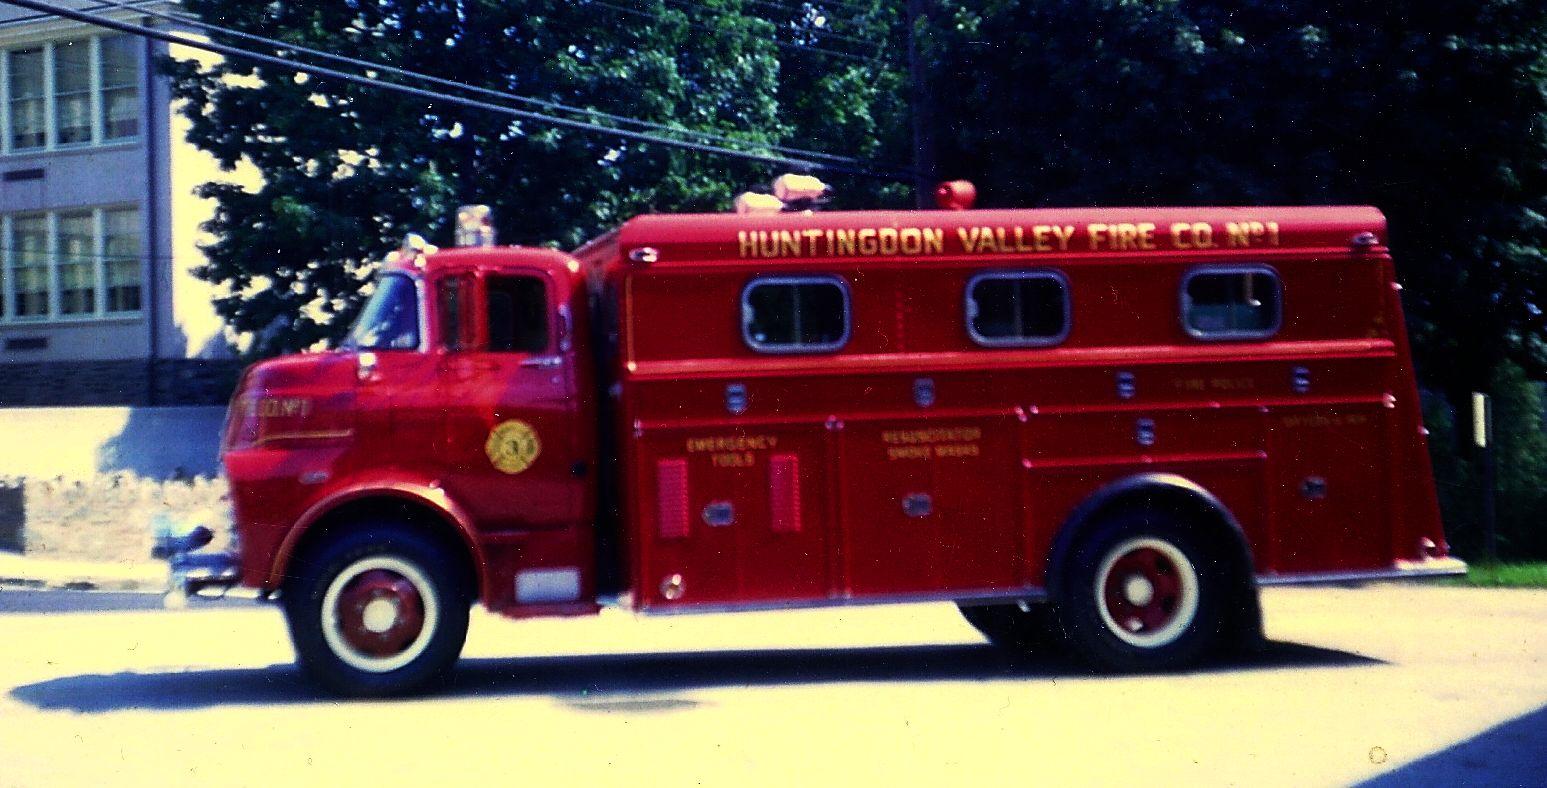 1959 Dodge Rescue Truck - A